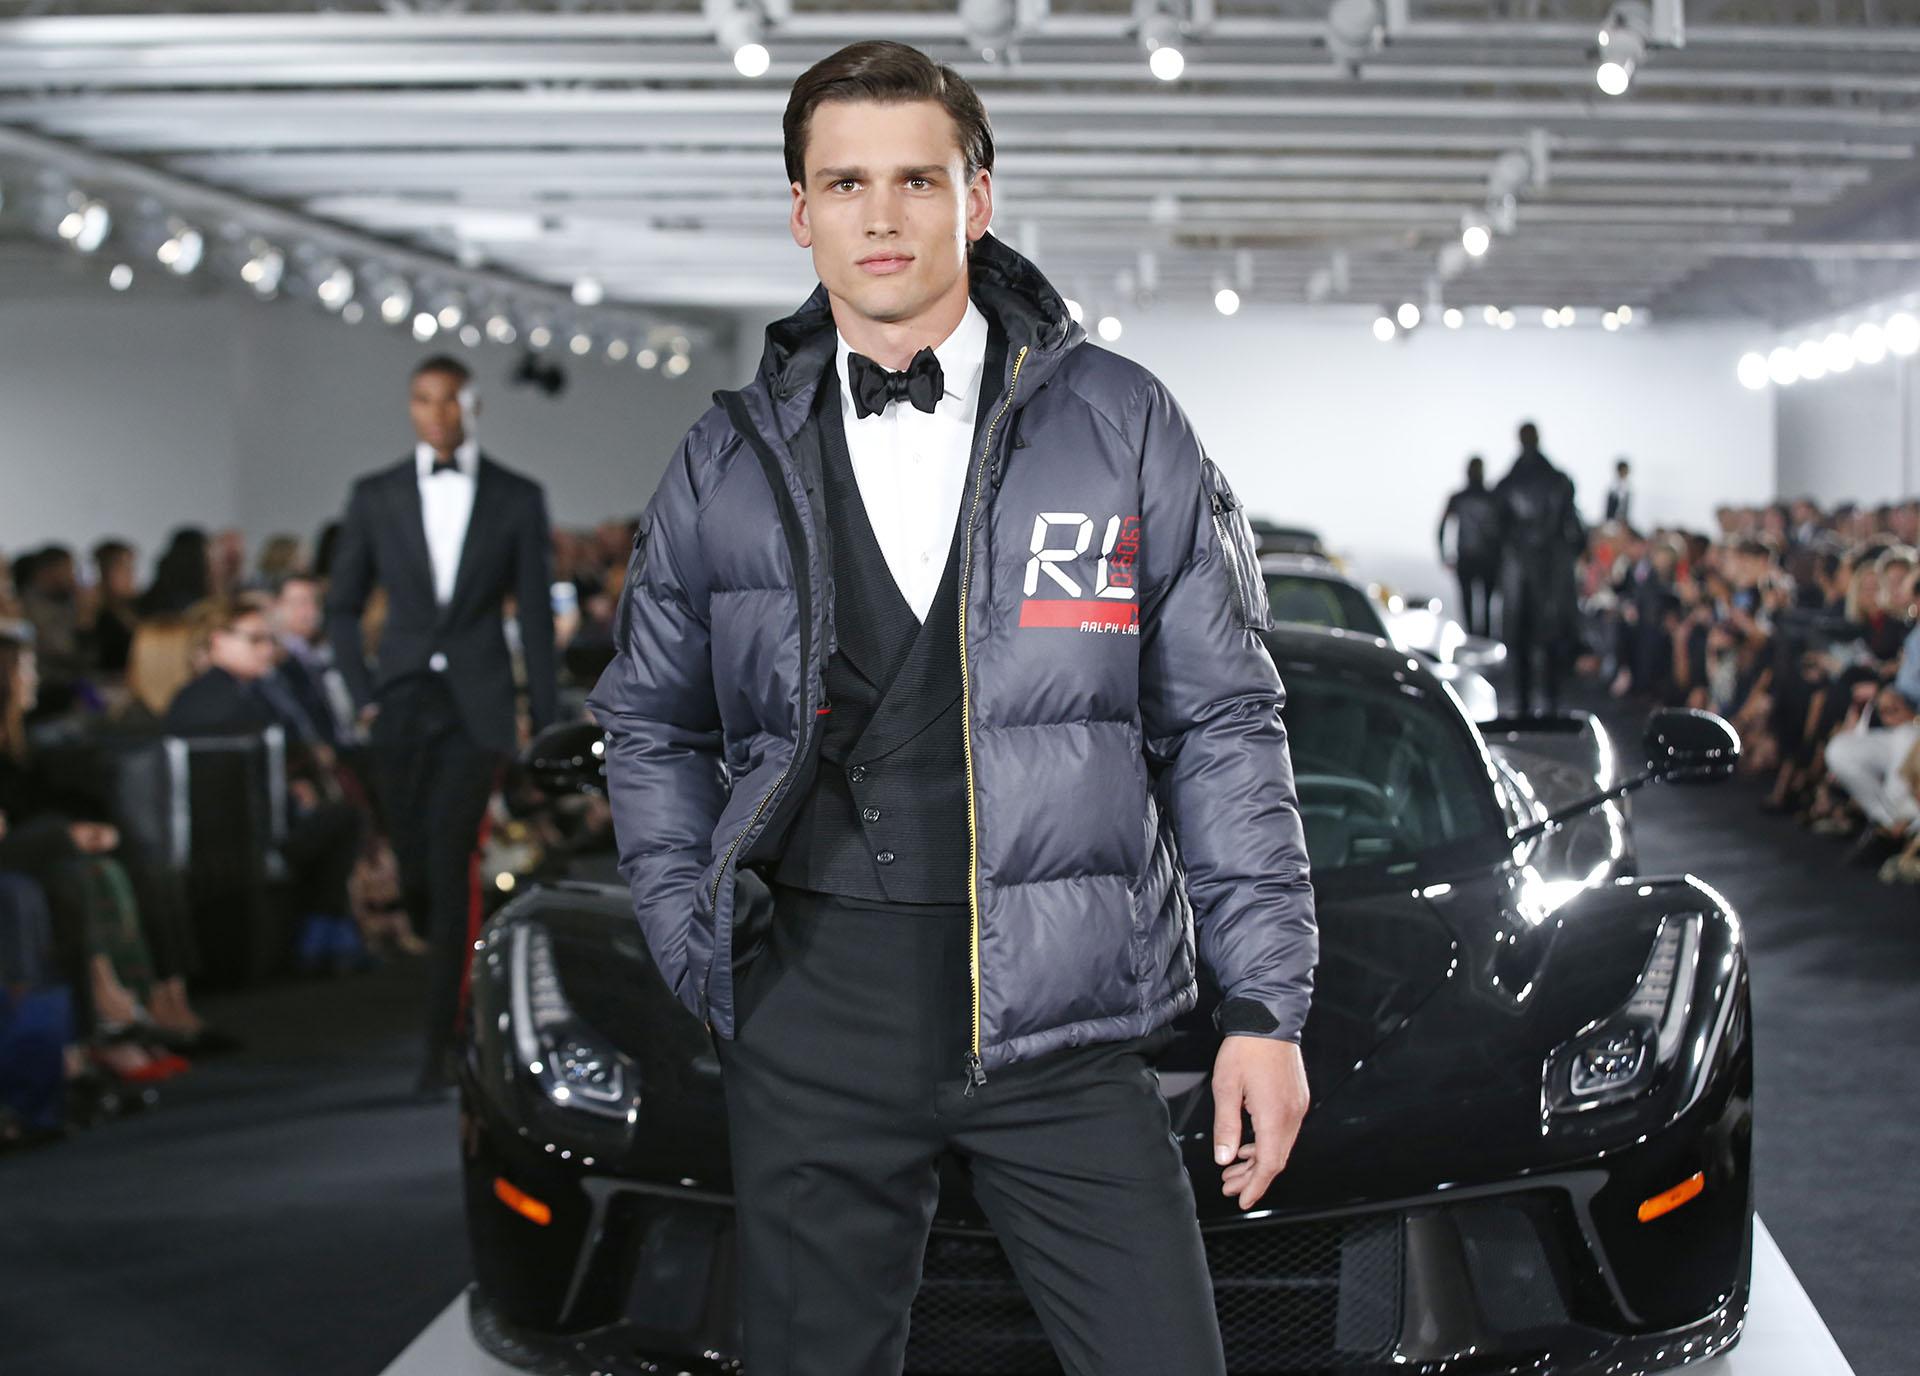 El black tie de etiqueta con adaptaciones inspiradas en el mundo automotor (AP Photo/Kathy Willens)